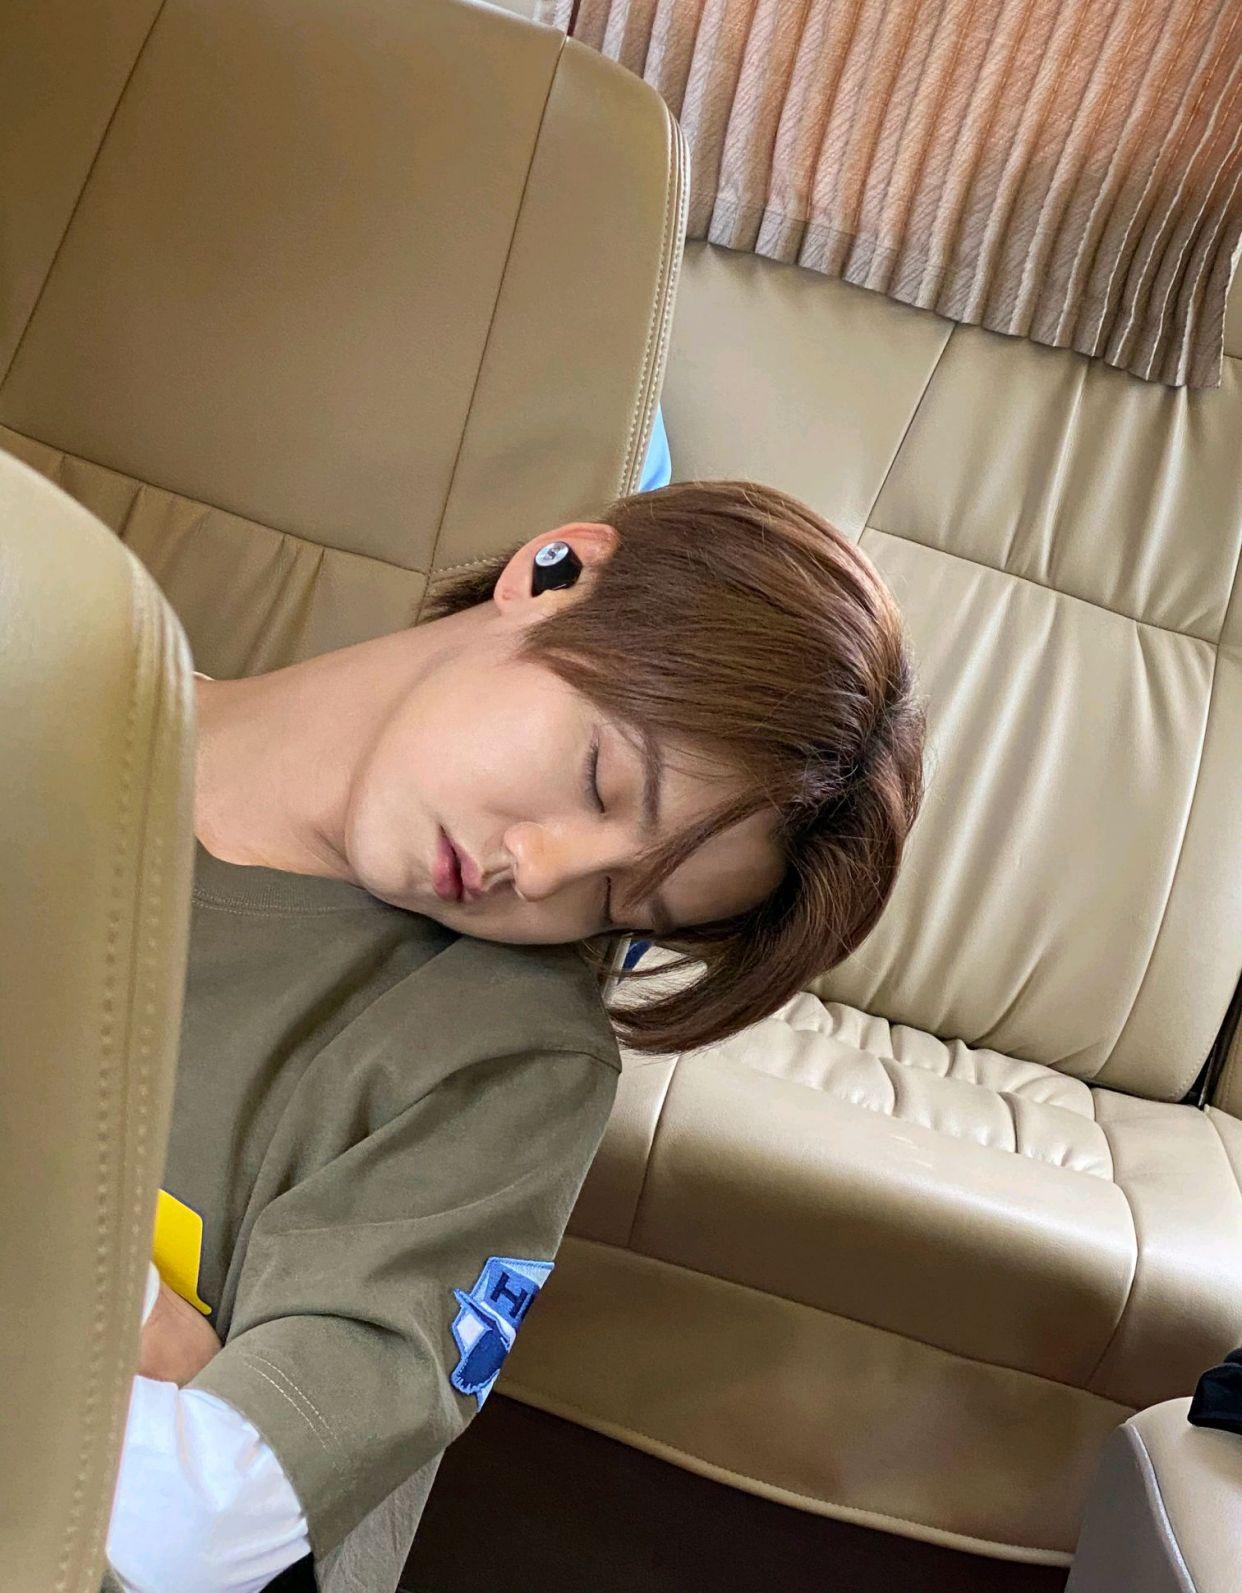 邓超偷拍《哈哈哈哈哈》嘉宾睡觉,令人感叹的是鹿晗的睡颜